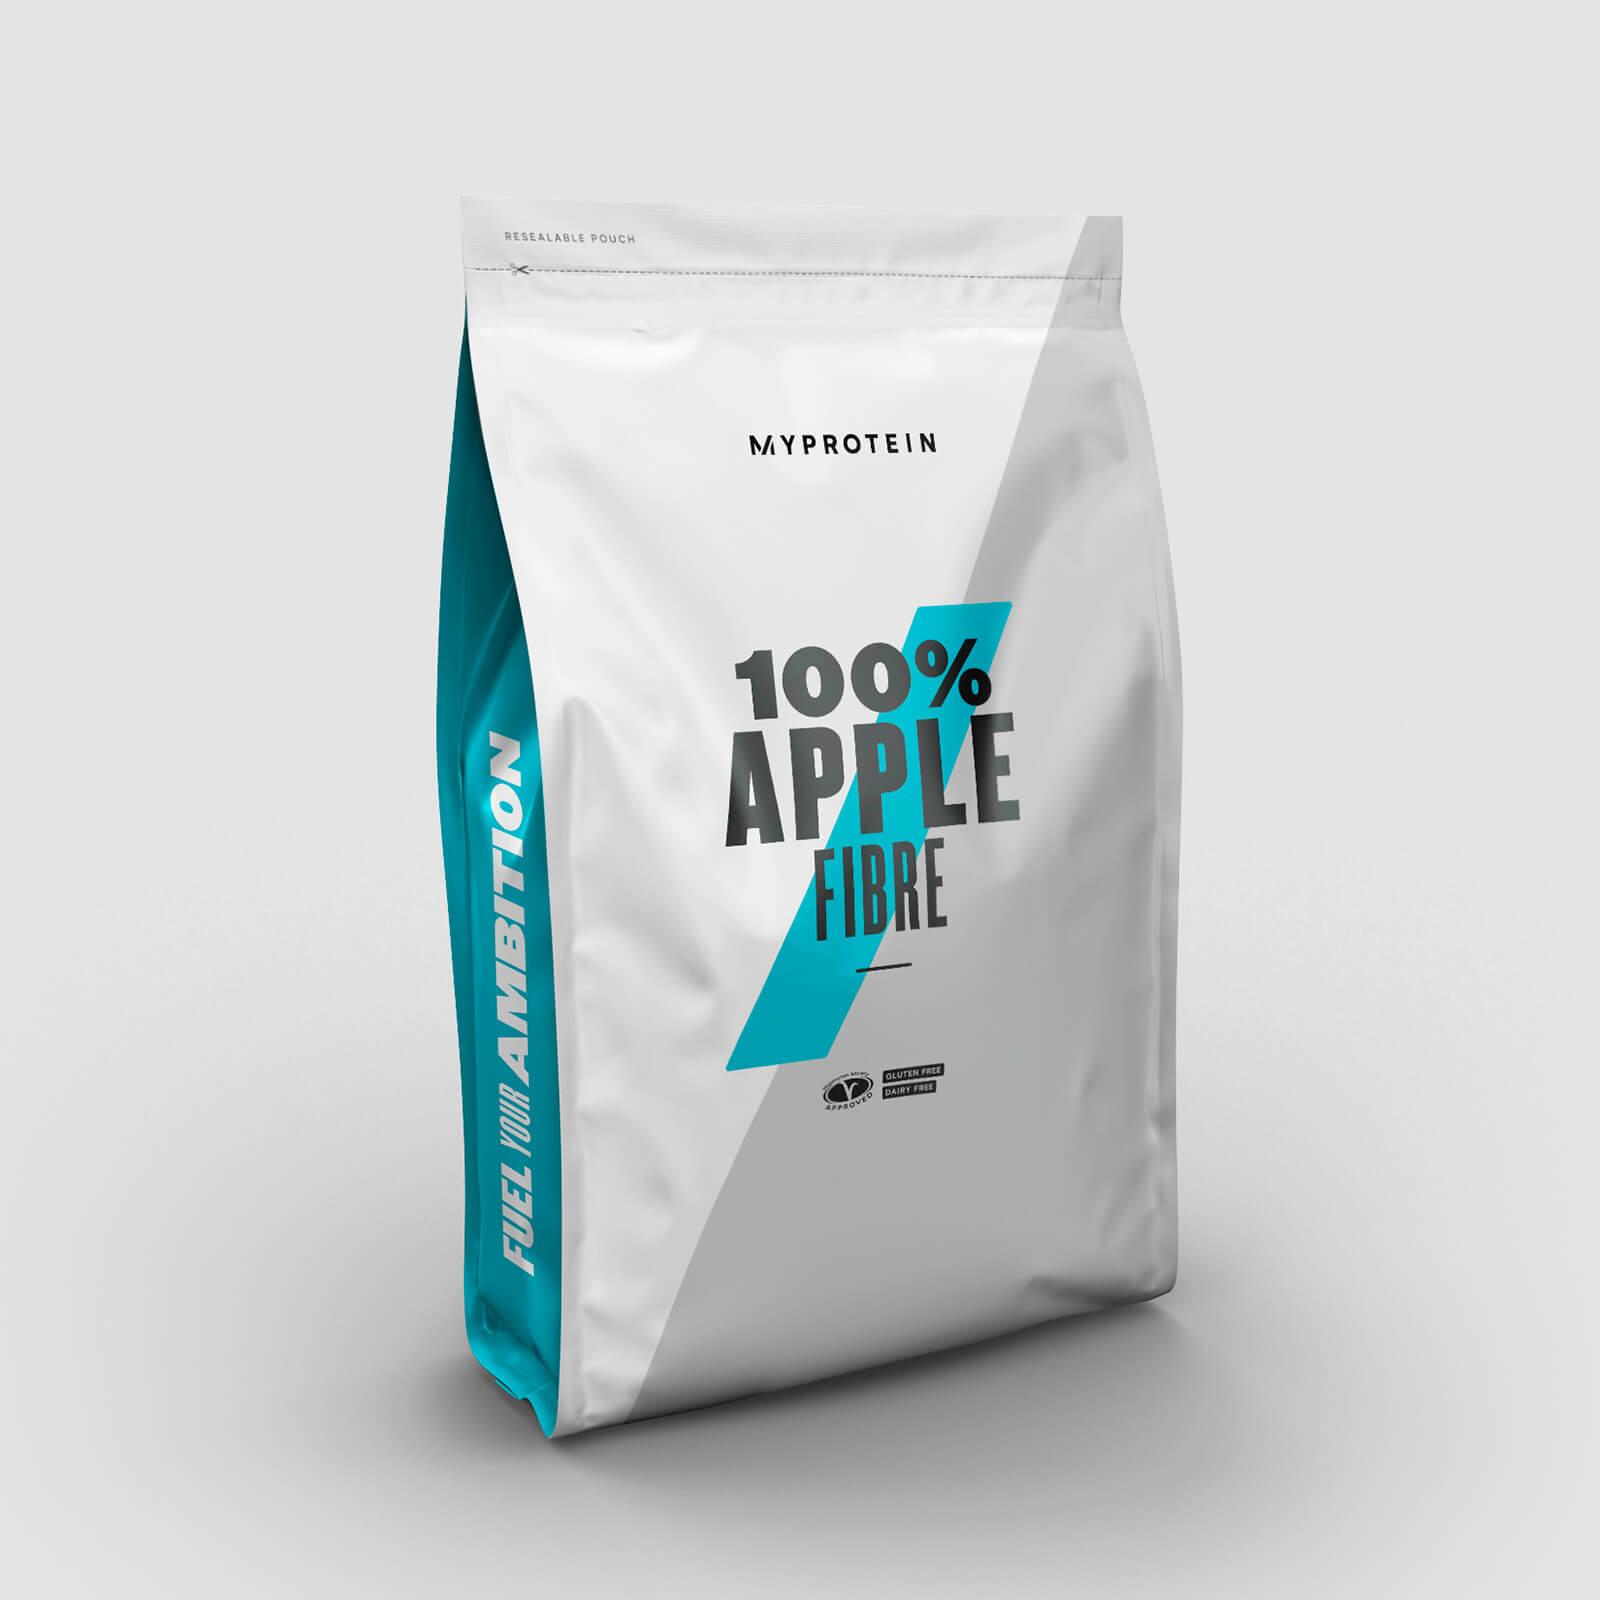 Meilleur pour améliorer la consommation journalière de fibres